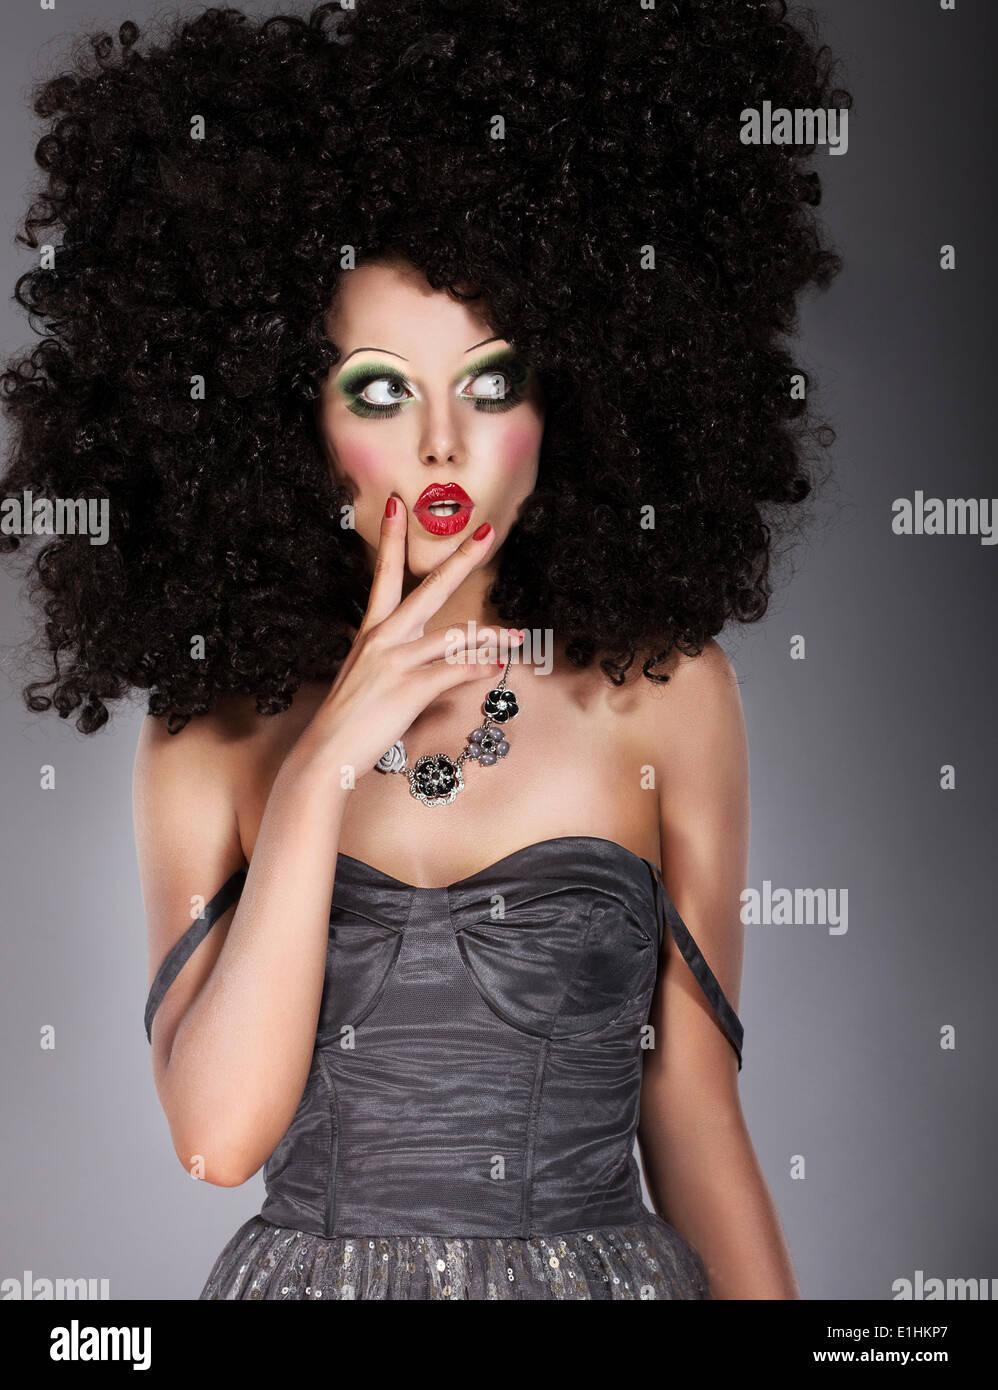 La mode. Brunette à la mode dans une luxuriante perruque Art grimace. Concept créatif Photo Stock